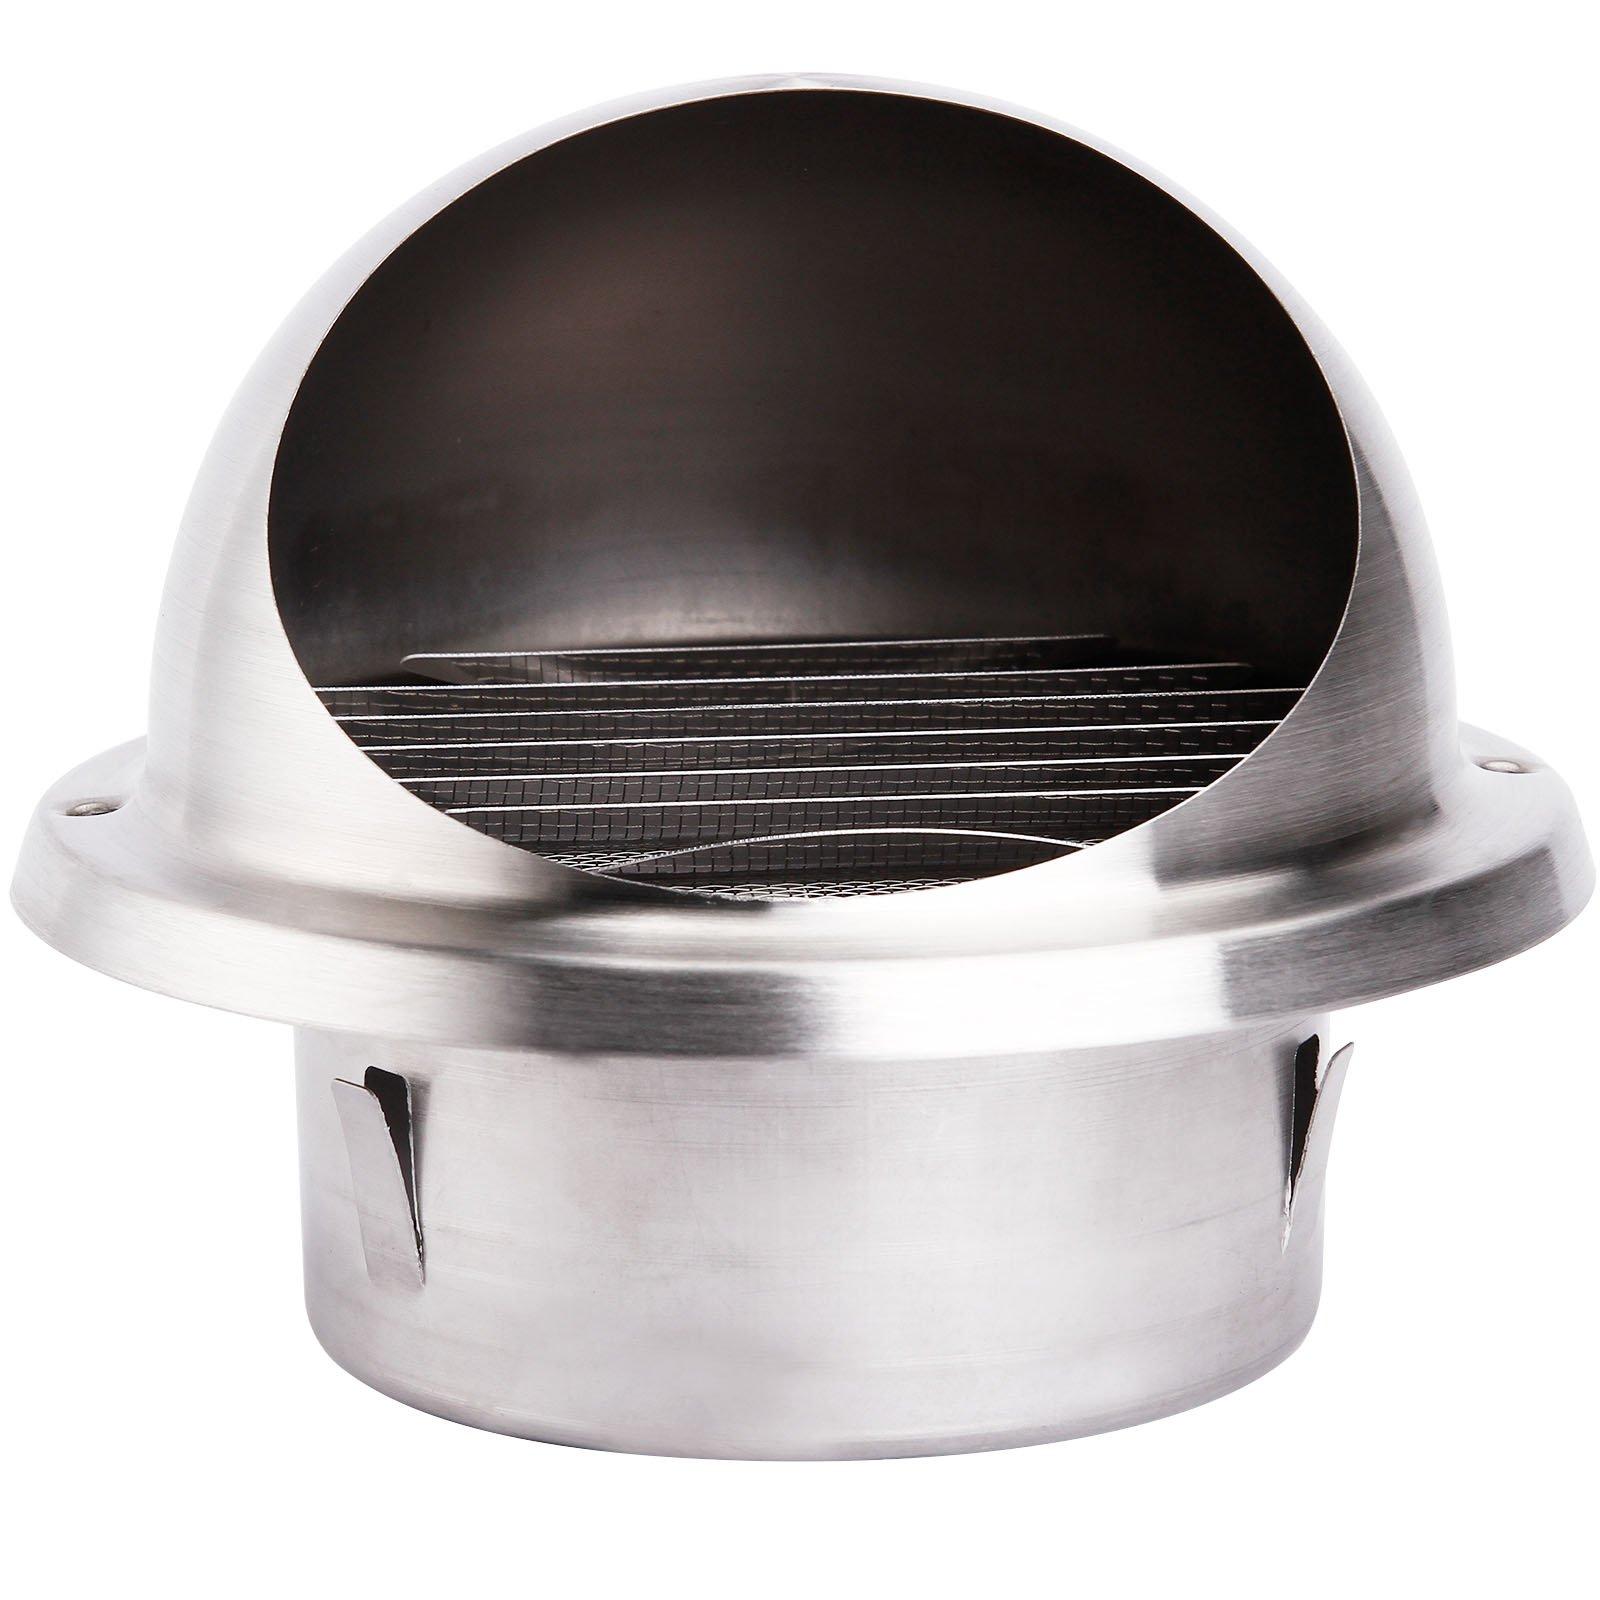 Rejilla de Ventilación Exterior Rejilla de Acero Inoxidable 100mm 125mm 150mm (globoso 100mm): Amazon.es: Bricolaje y herramientas